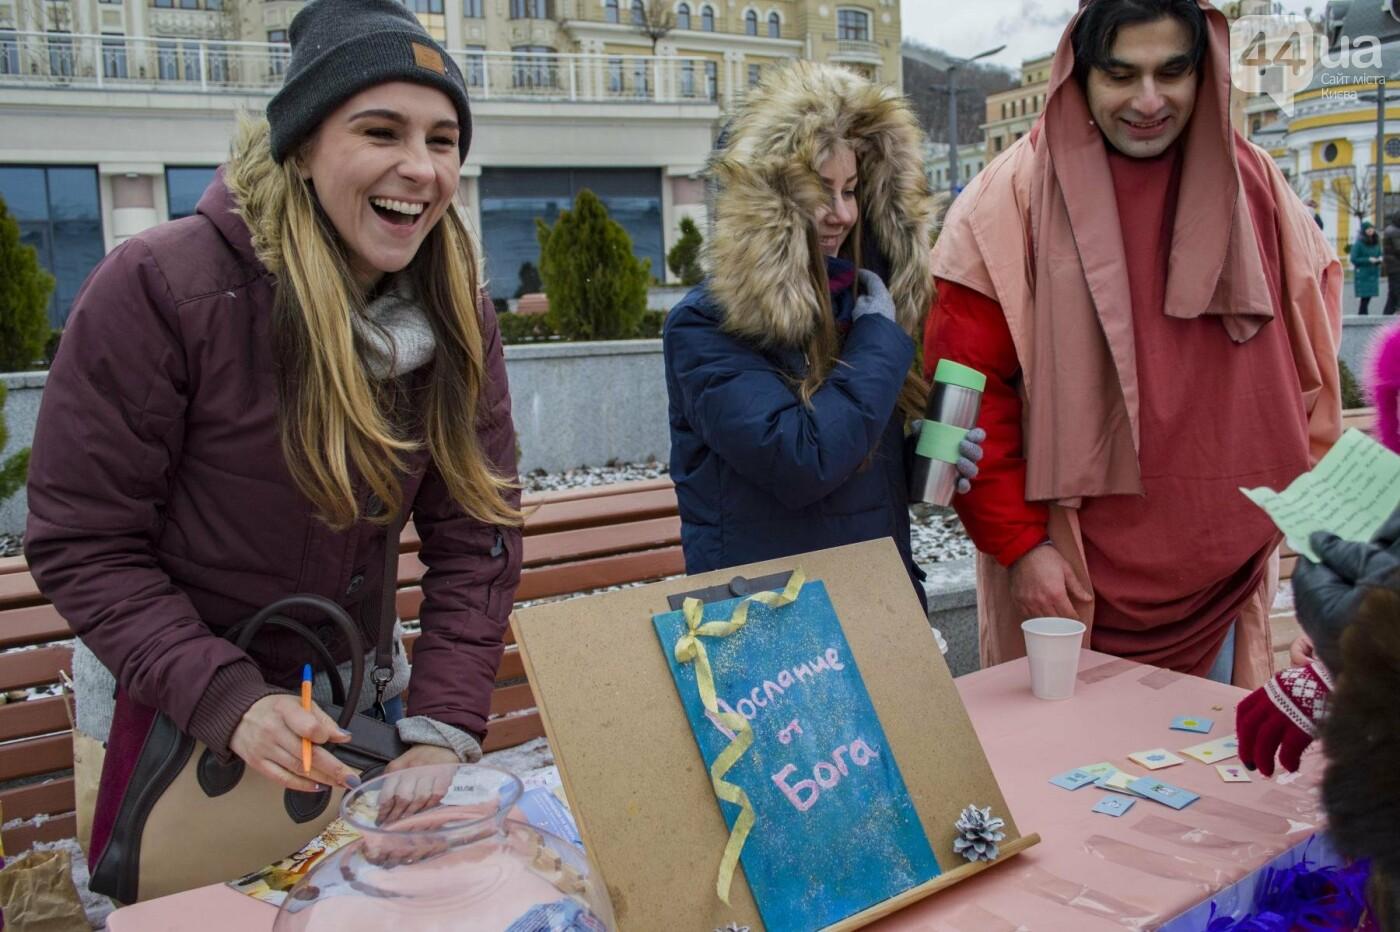 В Киеве прошел первый Рождественский фестиваль, как это было , фото-13